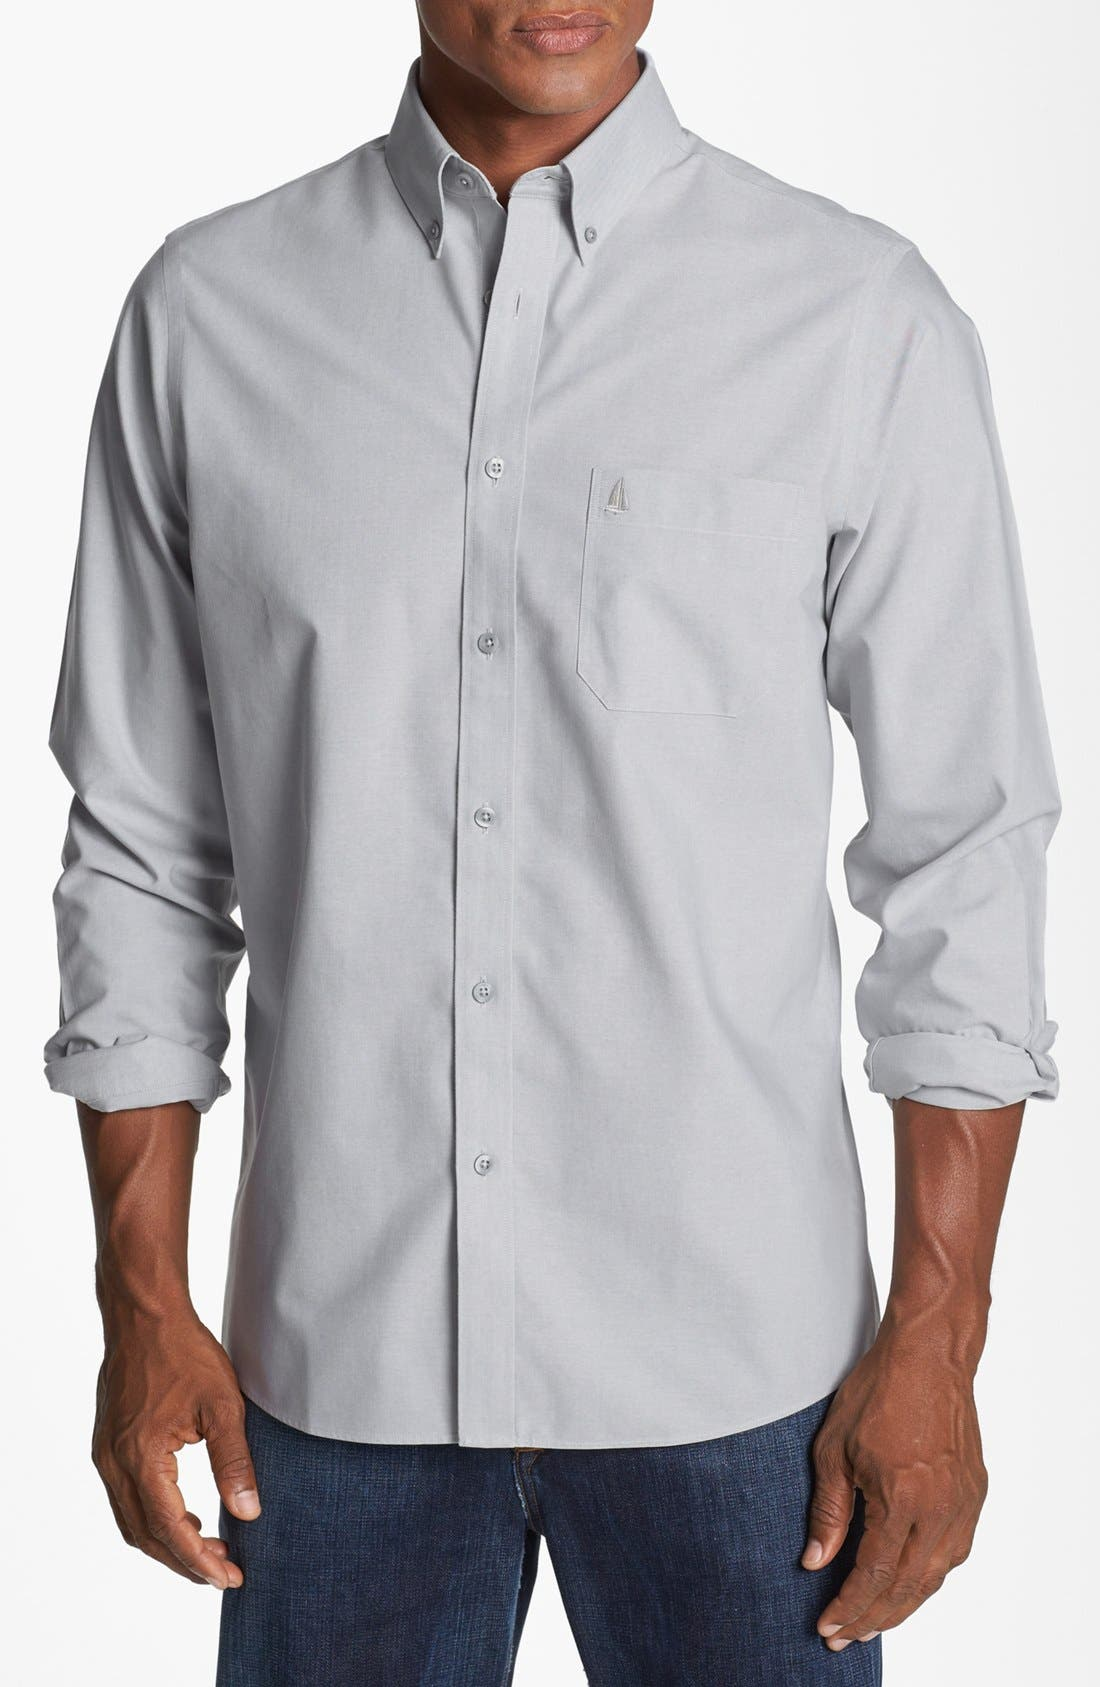 Alternate Image 1 Selected - Nordstrom Men's Shop Smartcare™ Regular Fit Oxford Sport Shirt (Tall)